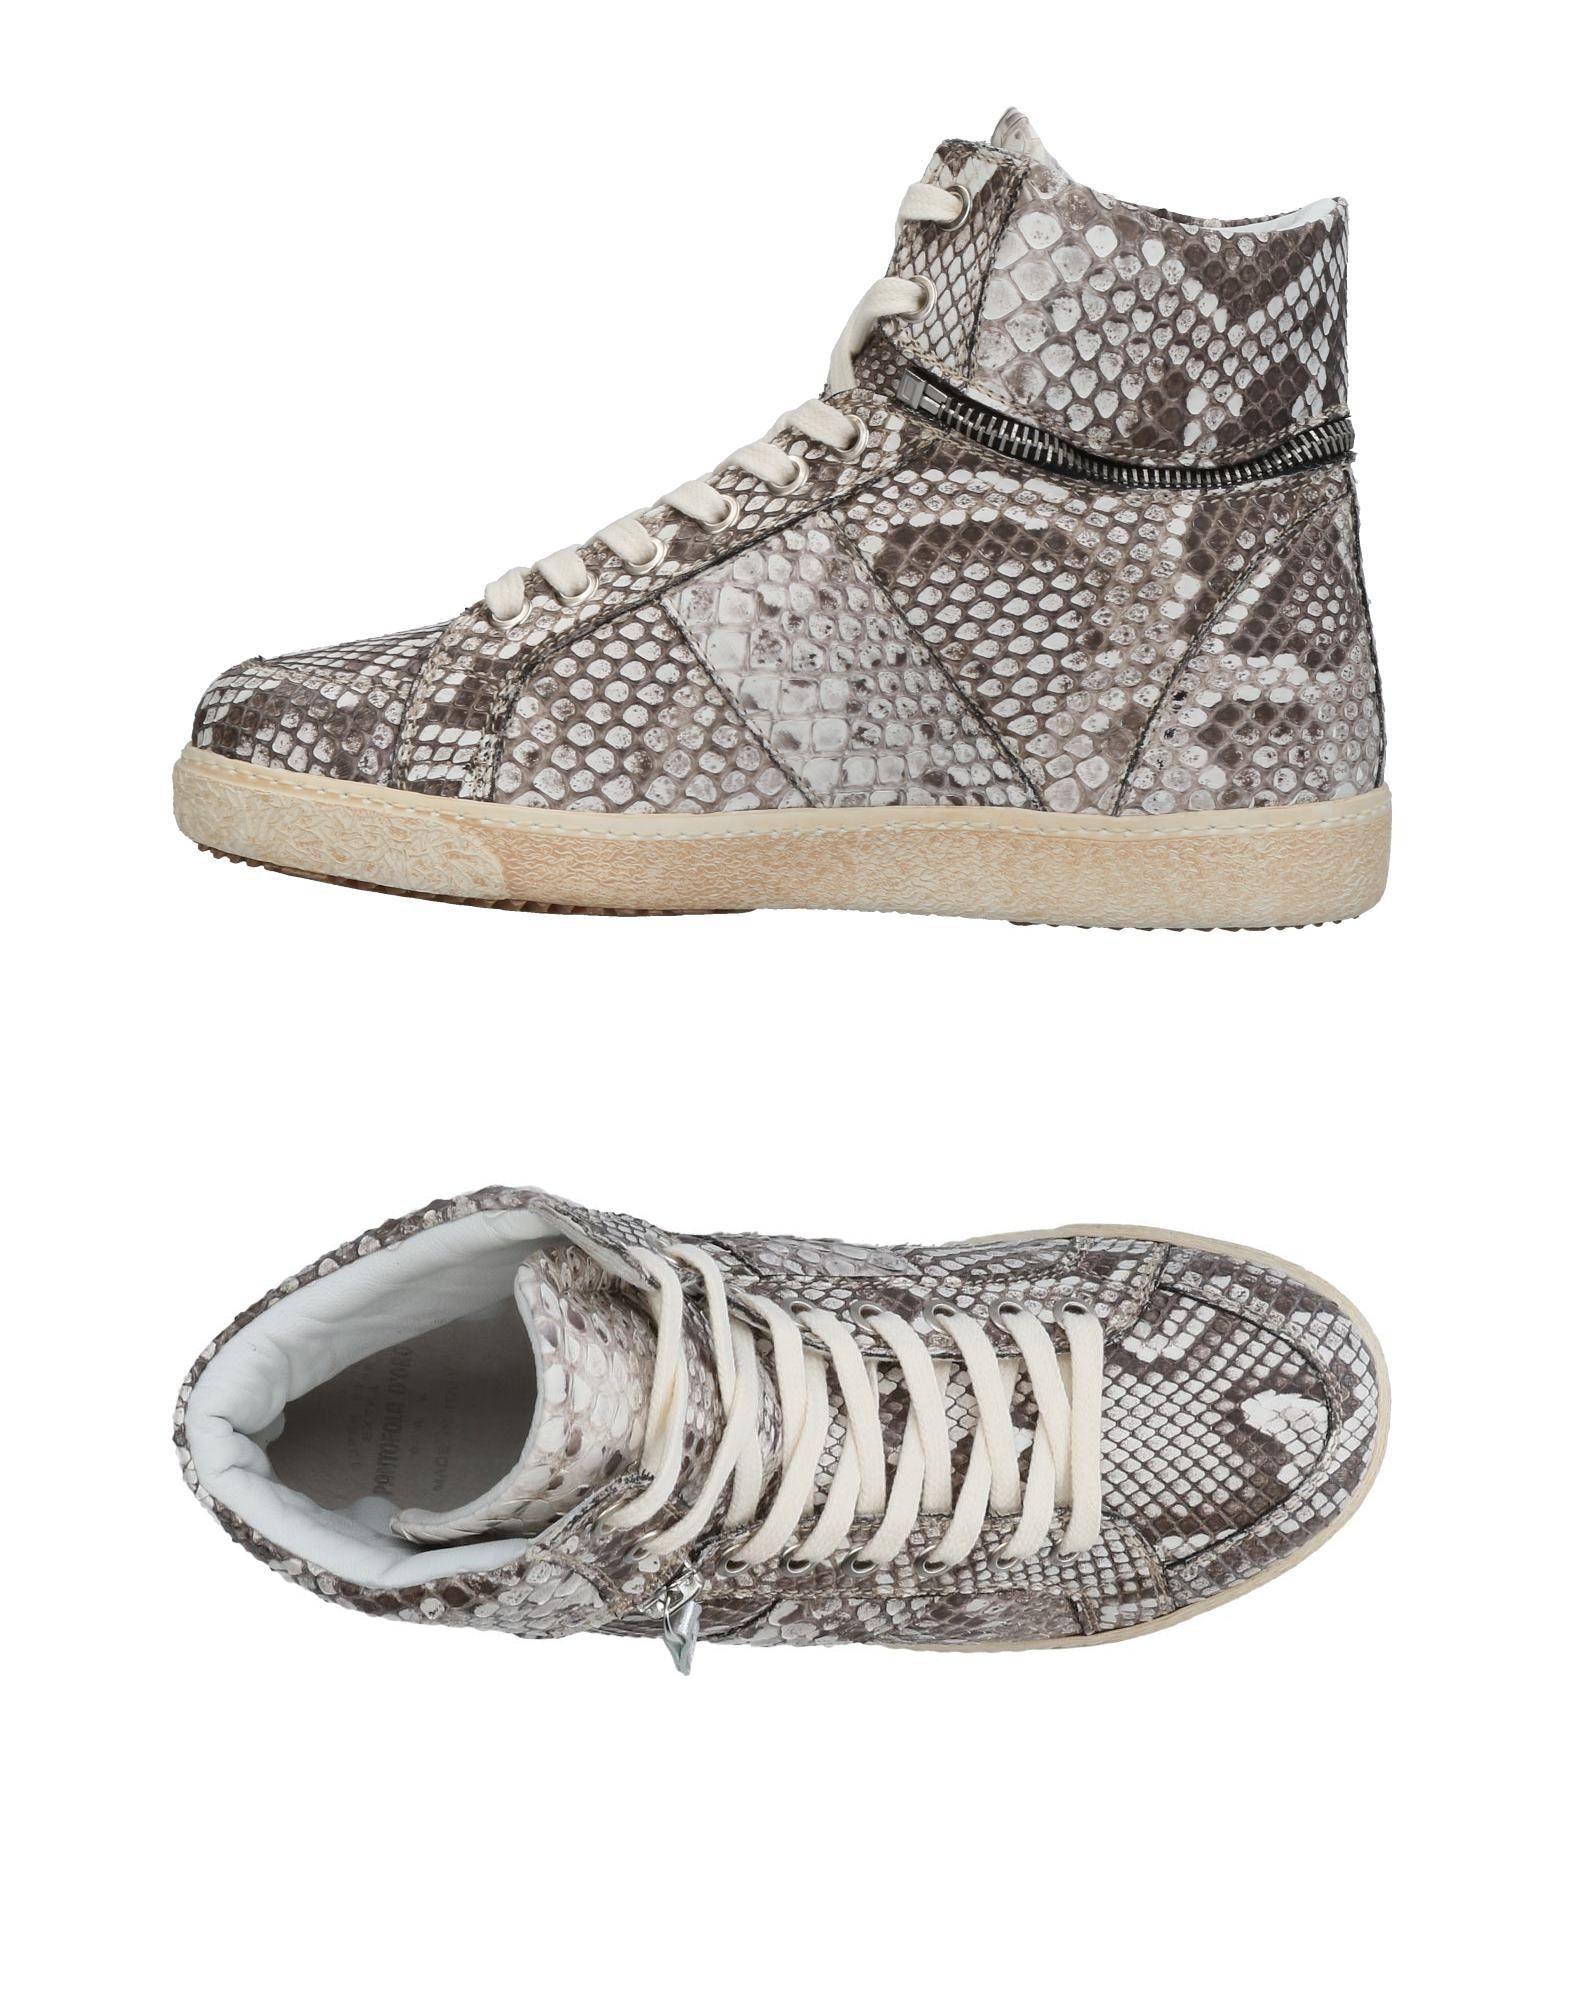 Rabatt Schuhe  Pantofola D'oro Sneakers Damen  Schuhe 11456392BP 775ca7